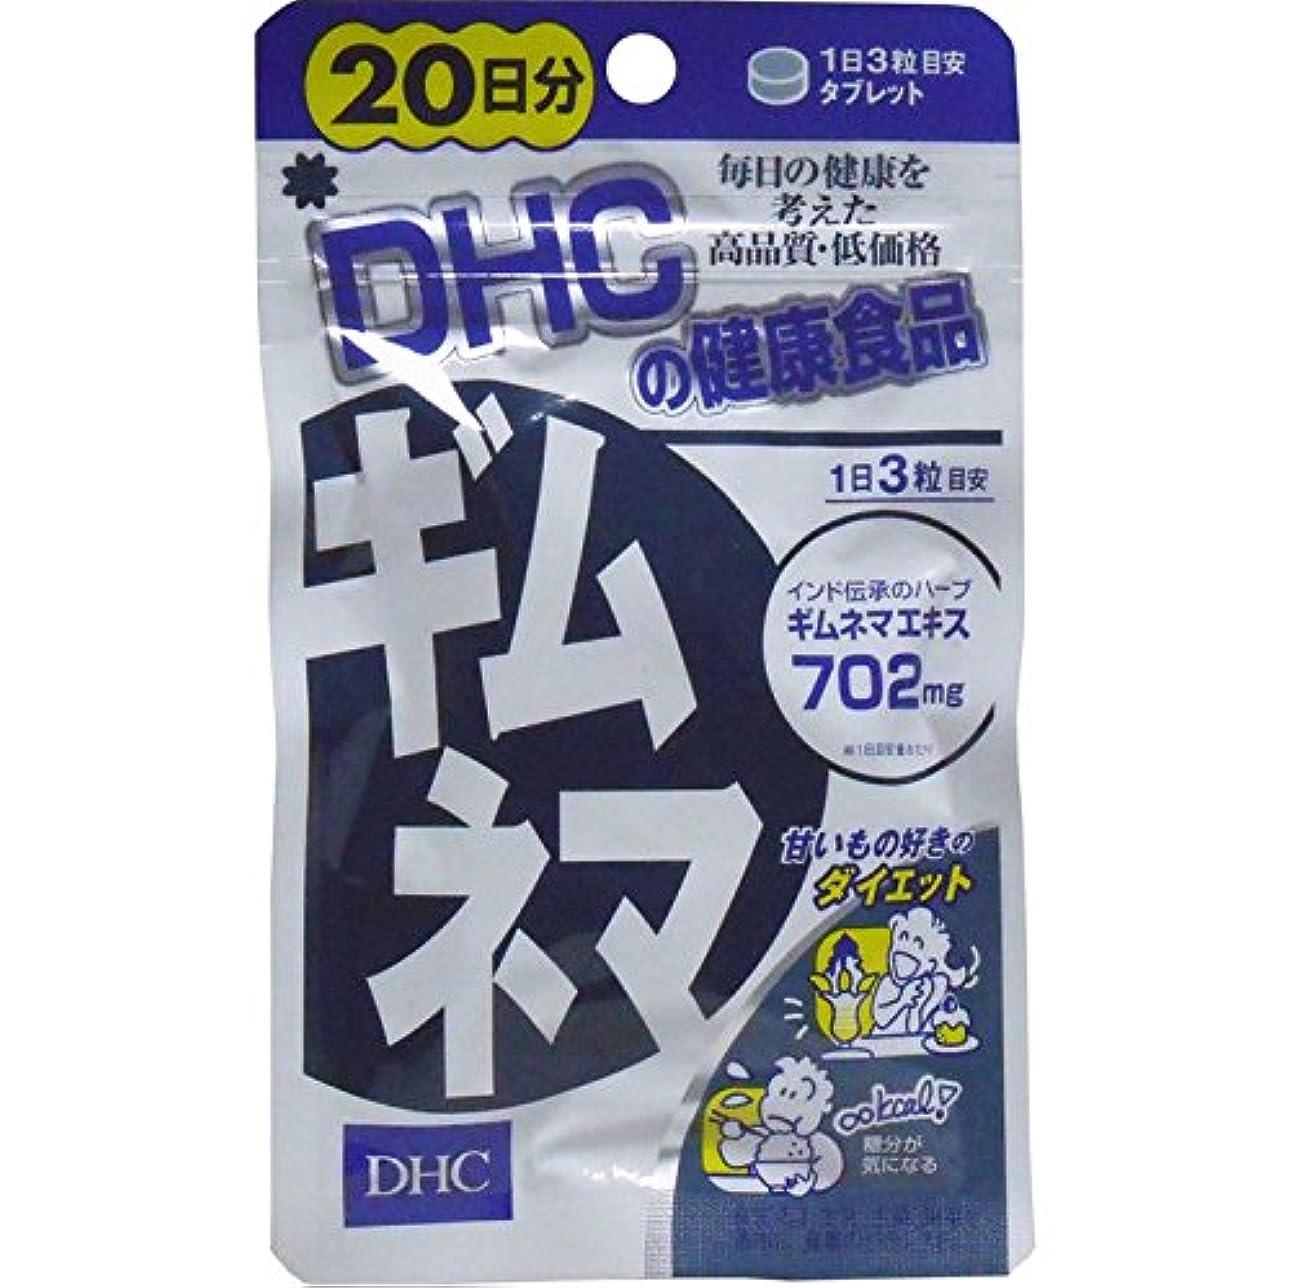 必要カスケードキモい大好きな「甘いもの」をムダ肉にしない DHC ギムネマ 20日分 60粒